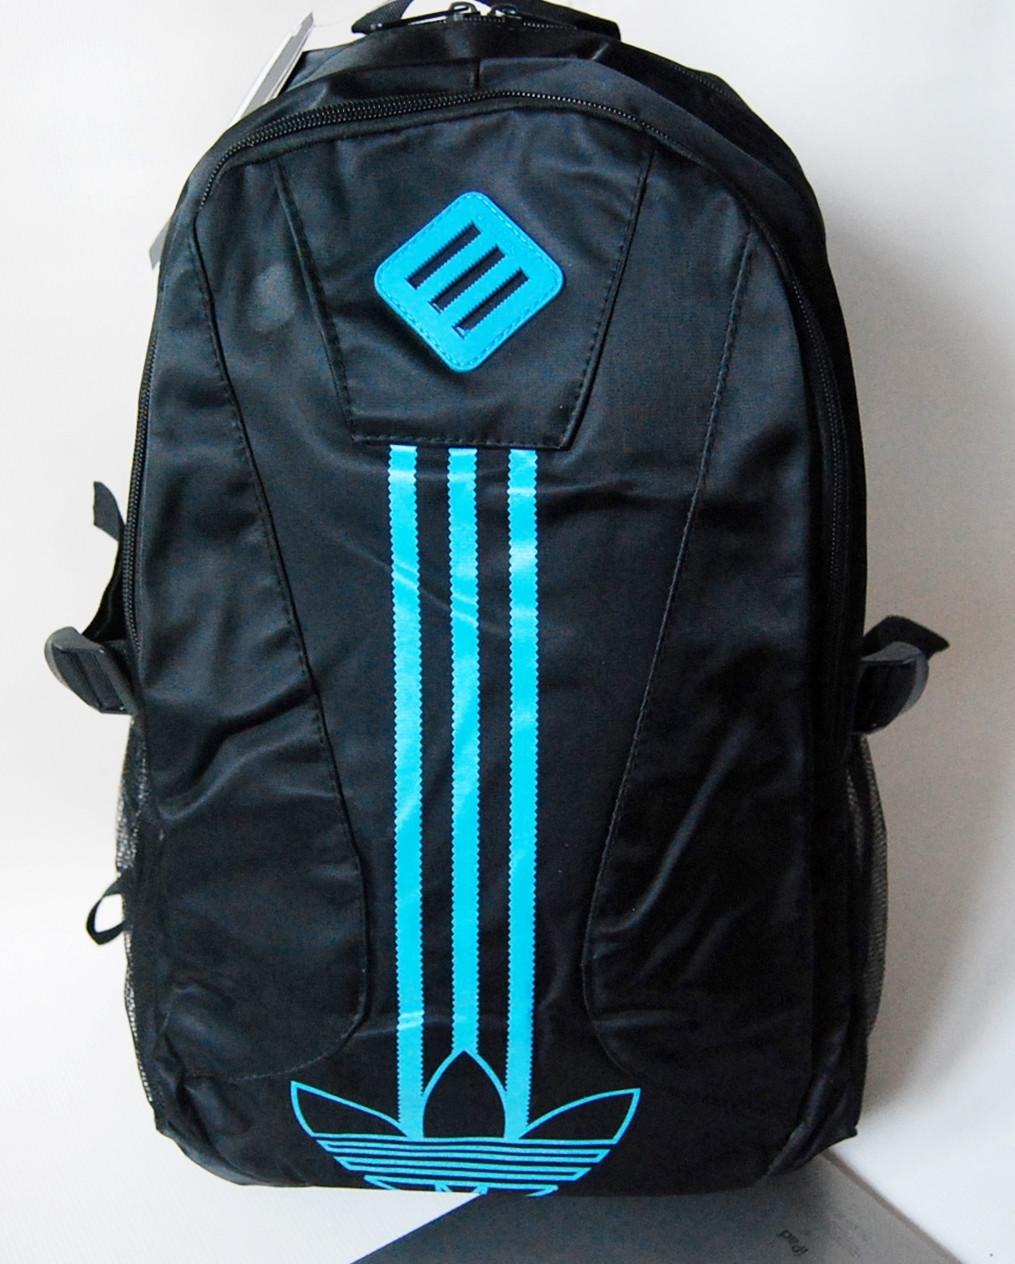 Рюкзаки adidas мужские купить thule харьков рюкзак